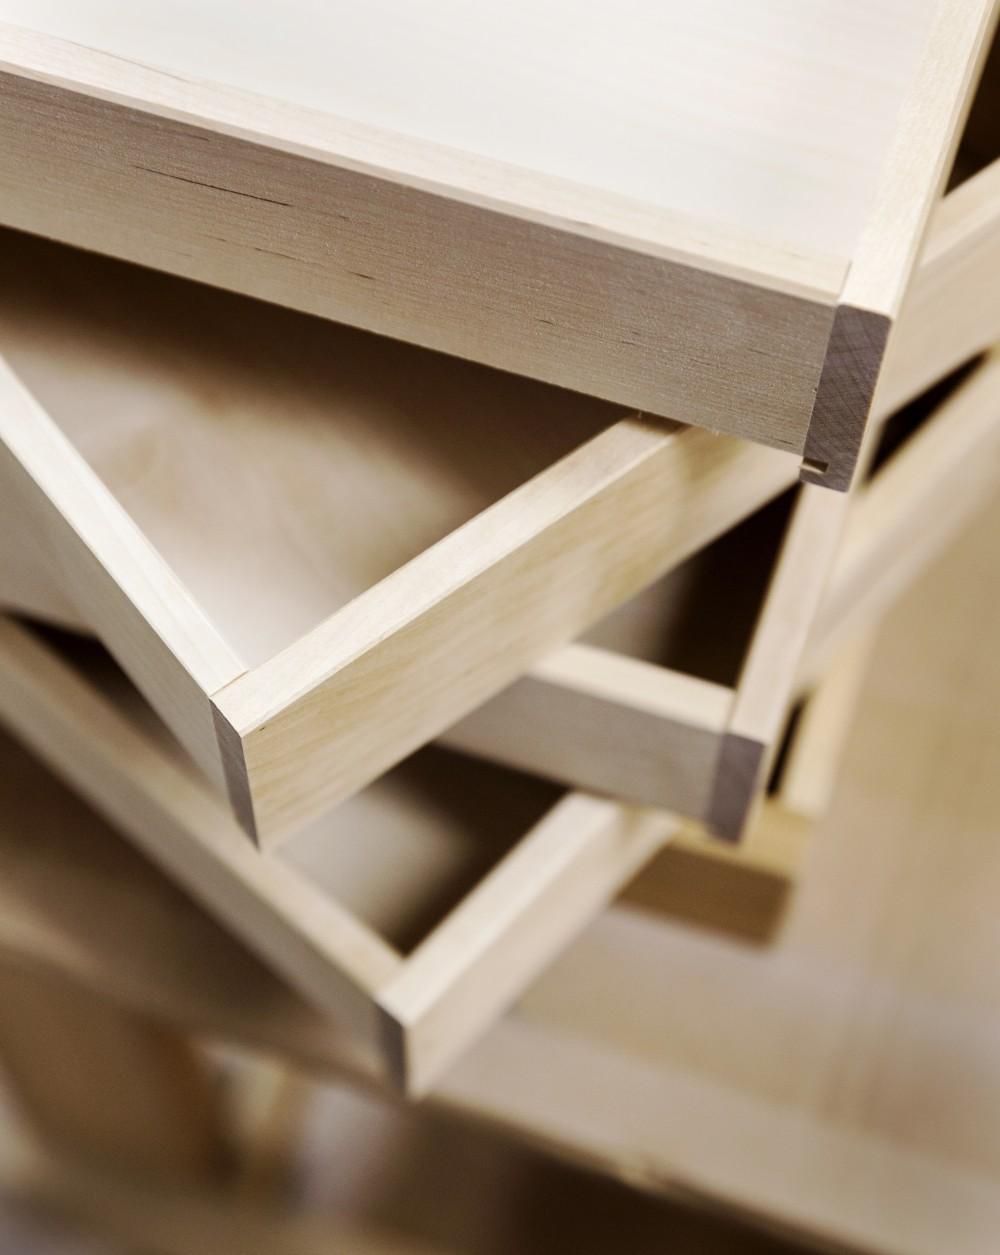 Trä ger positiva effekter på hälsan Trä& Möbelforum